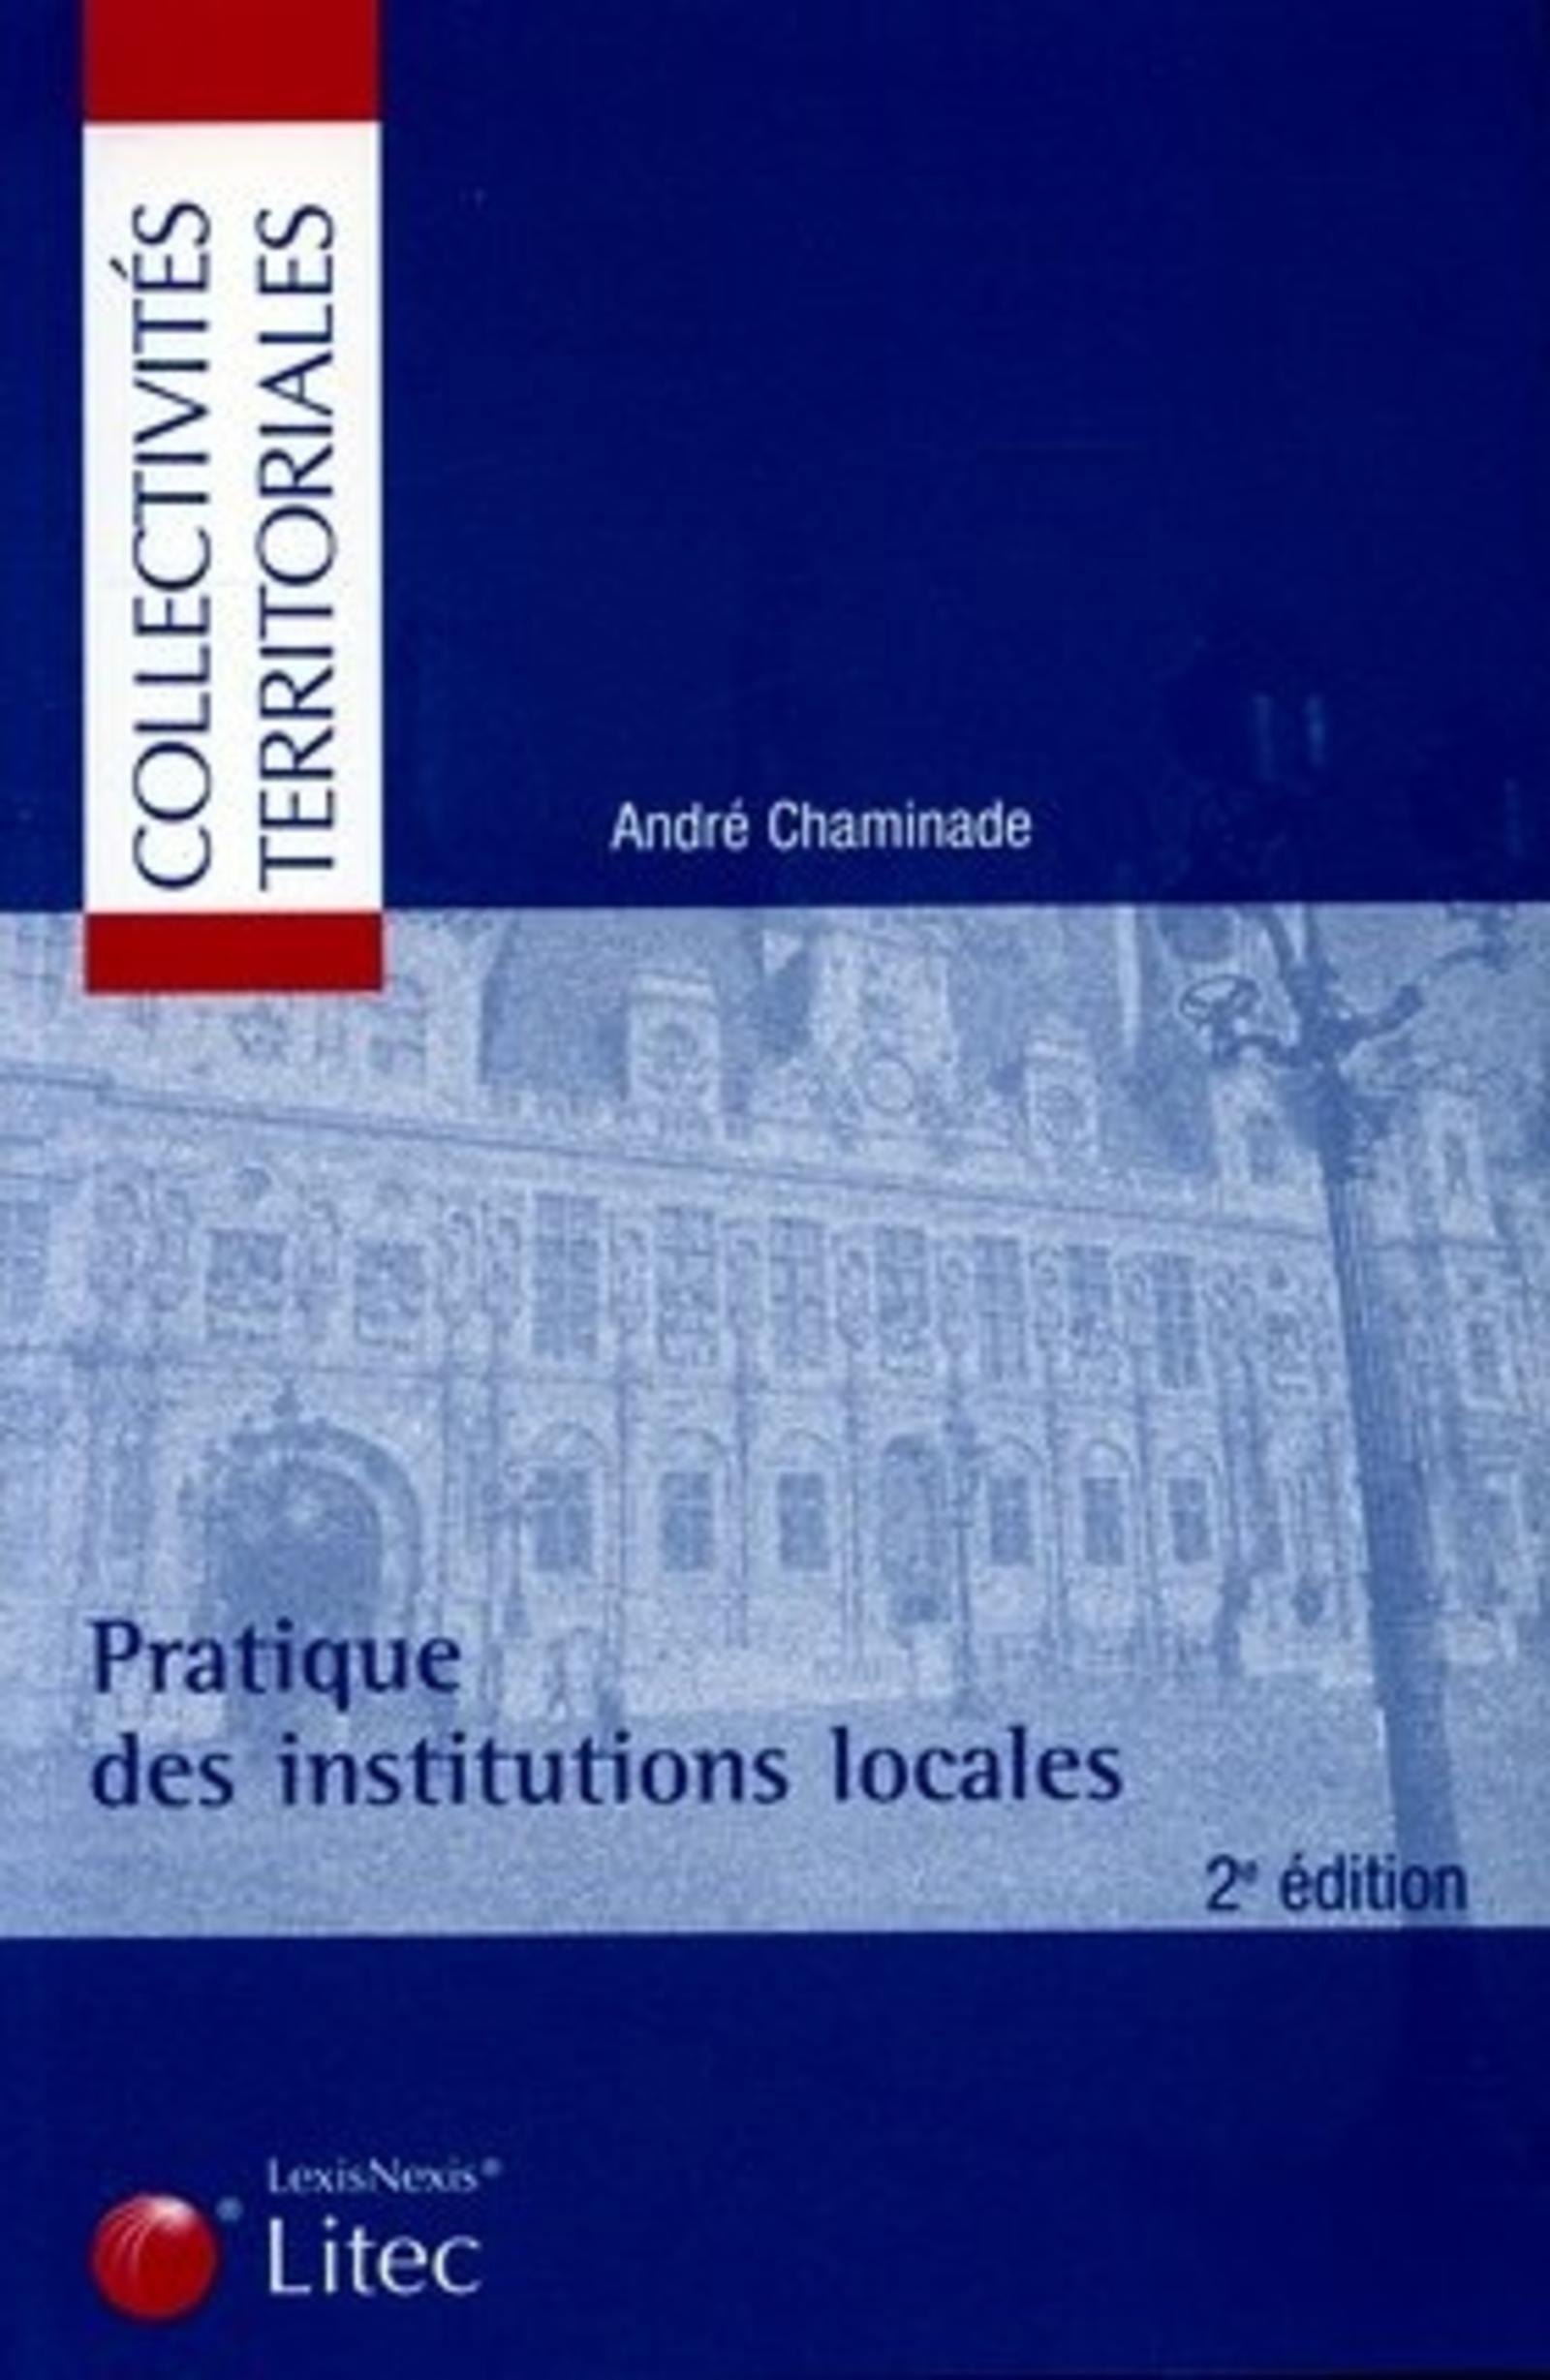 PRATIQUE DES INSTITUTIONS LOCALES